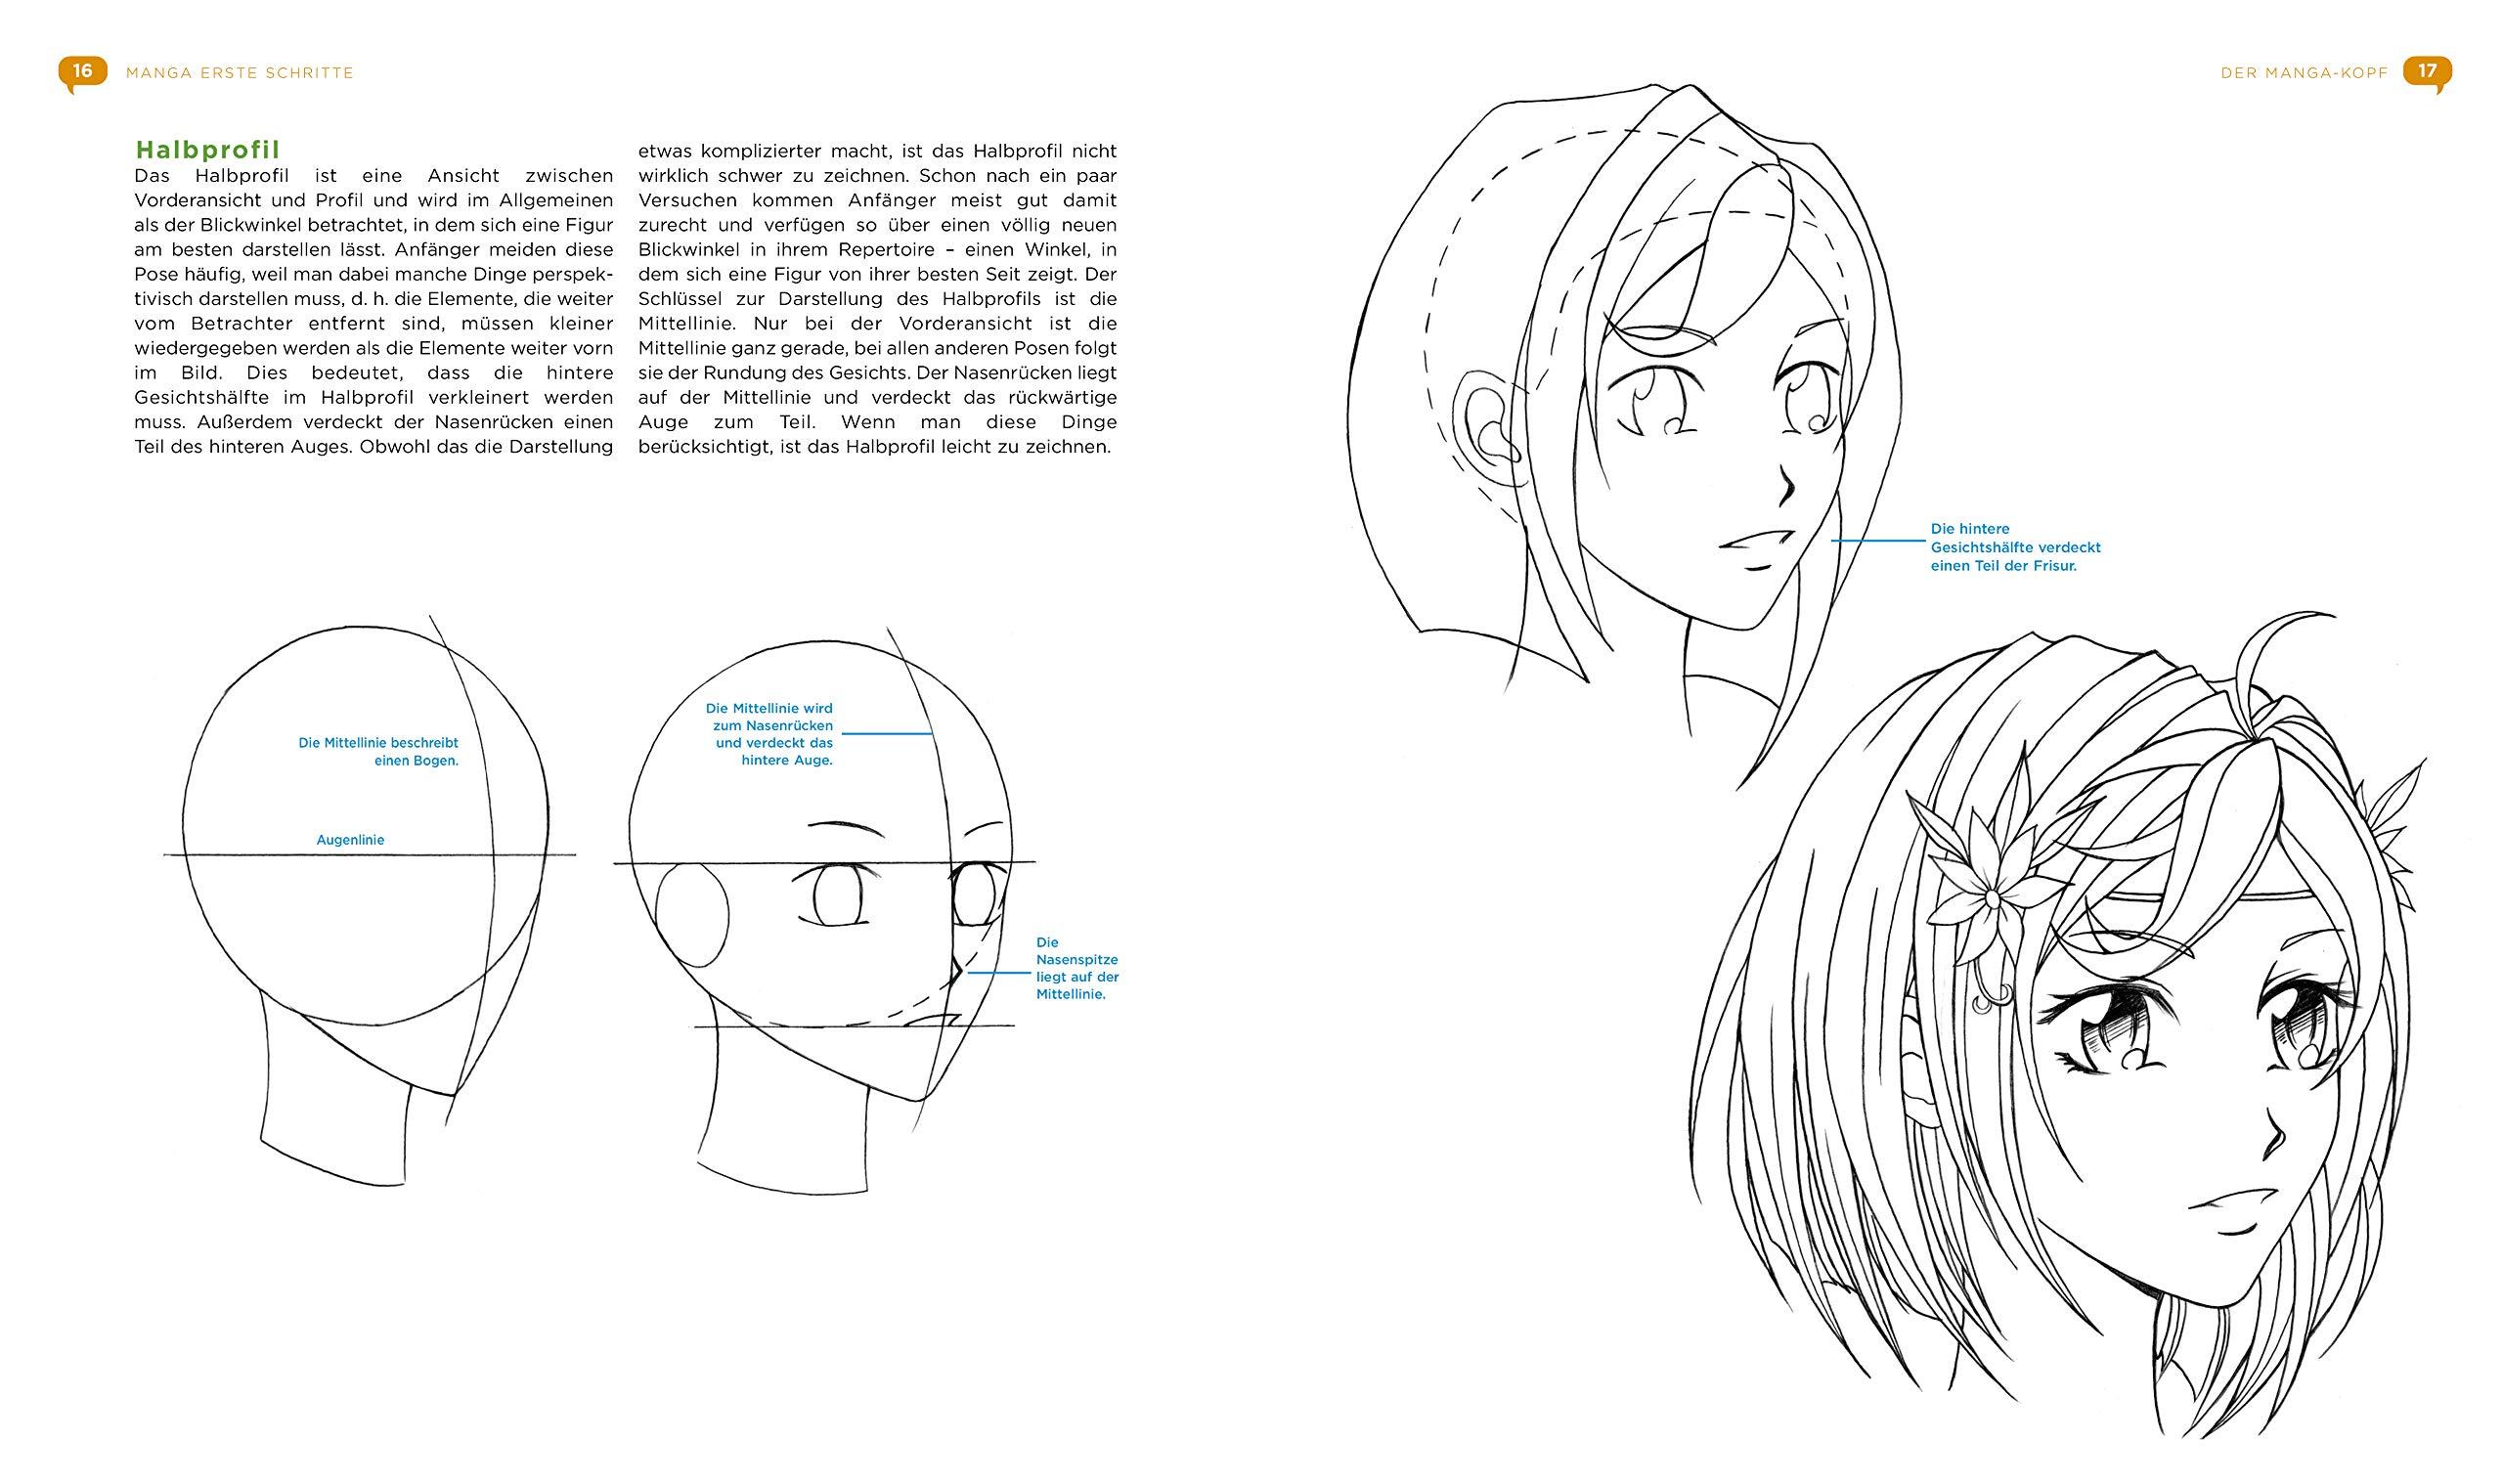 anime zeichnen lernen für anfänger schritt für schritt